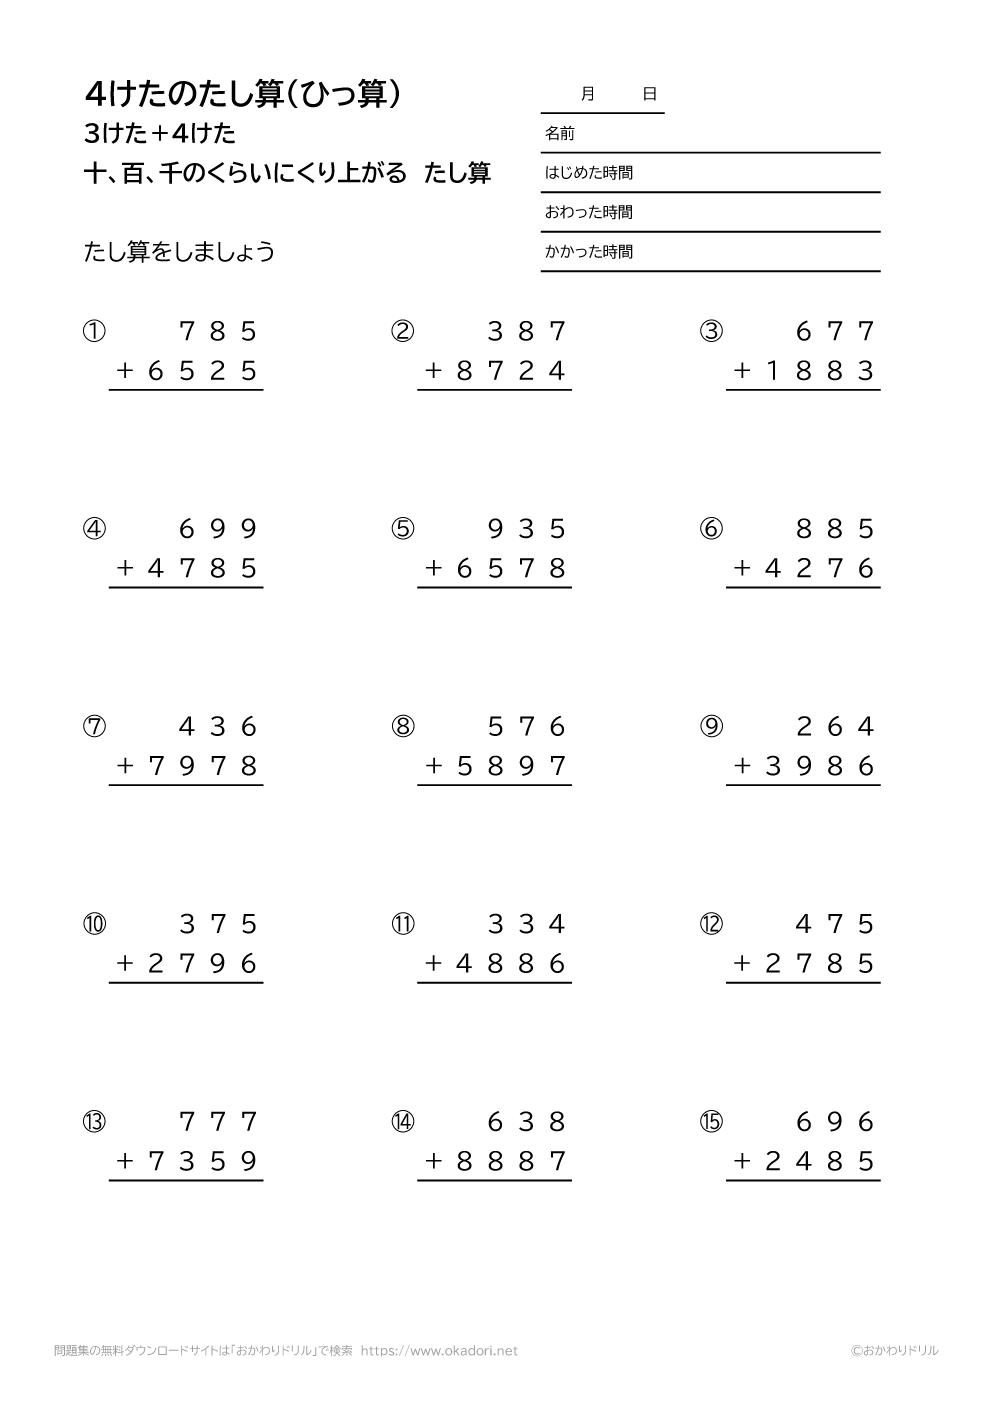 3桁+4桁の十、百、千の位に繰り上がる足し算の筆算4